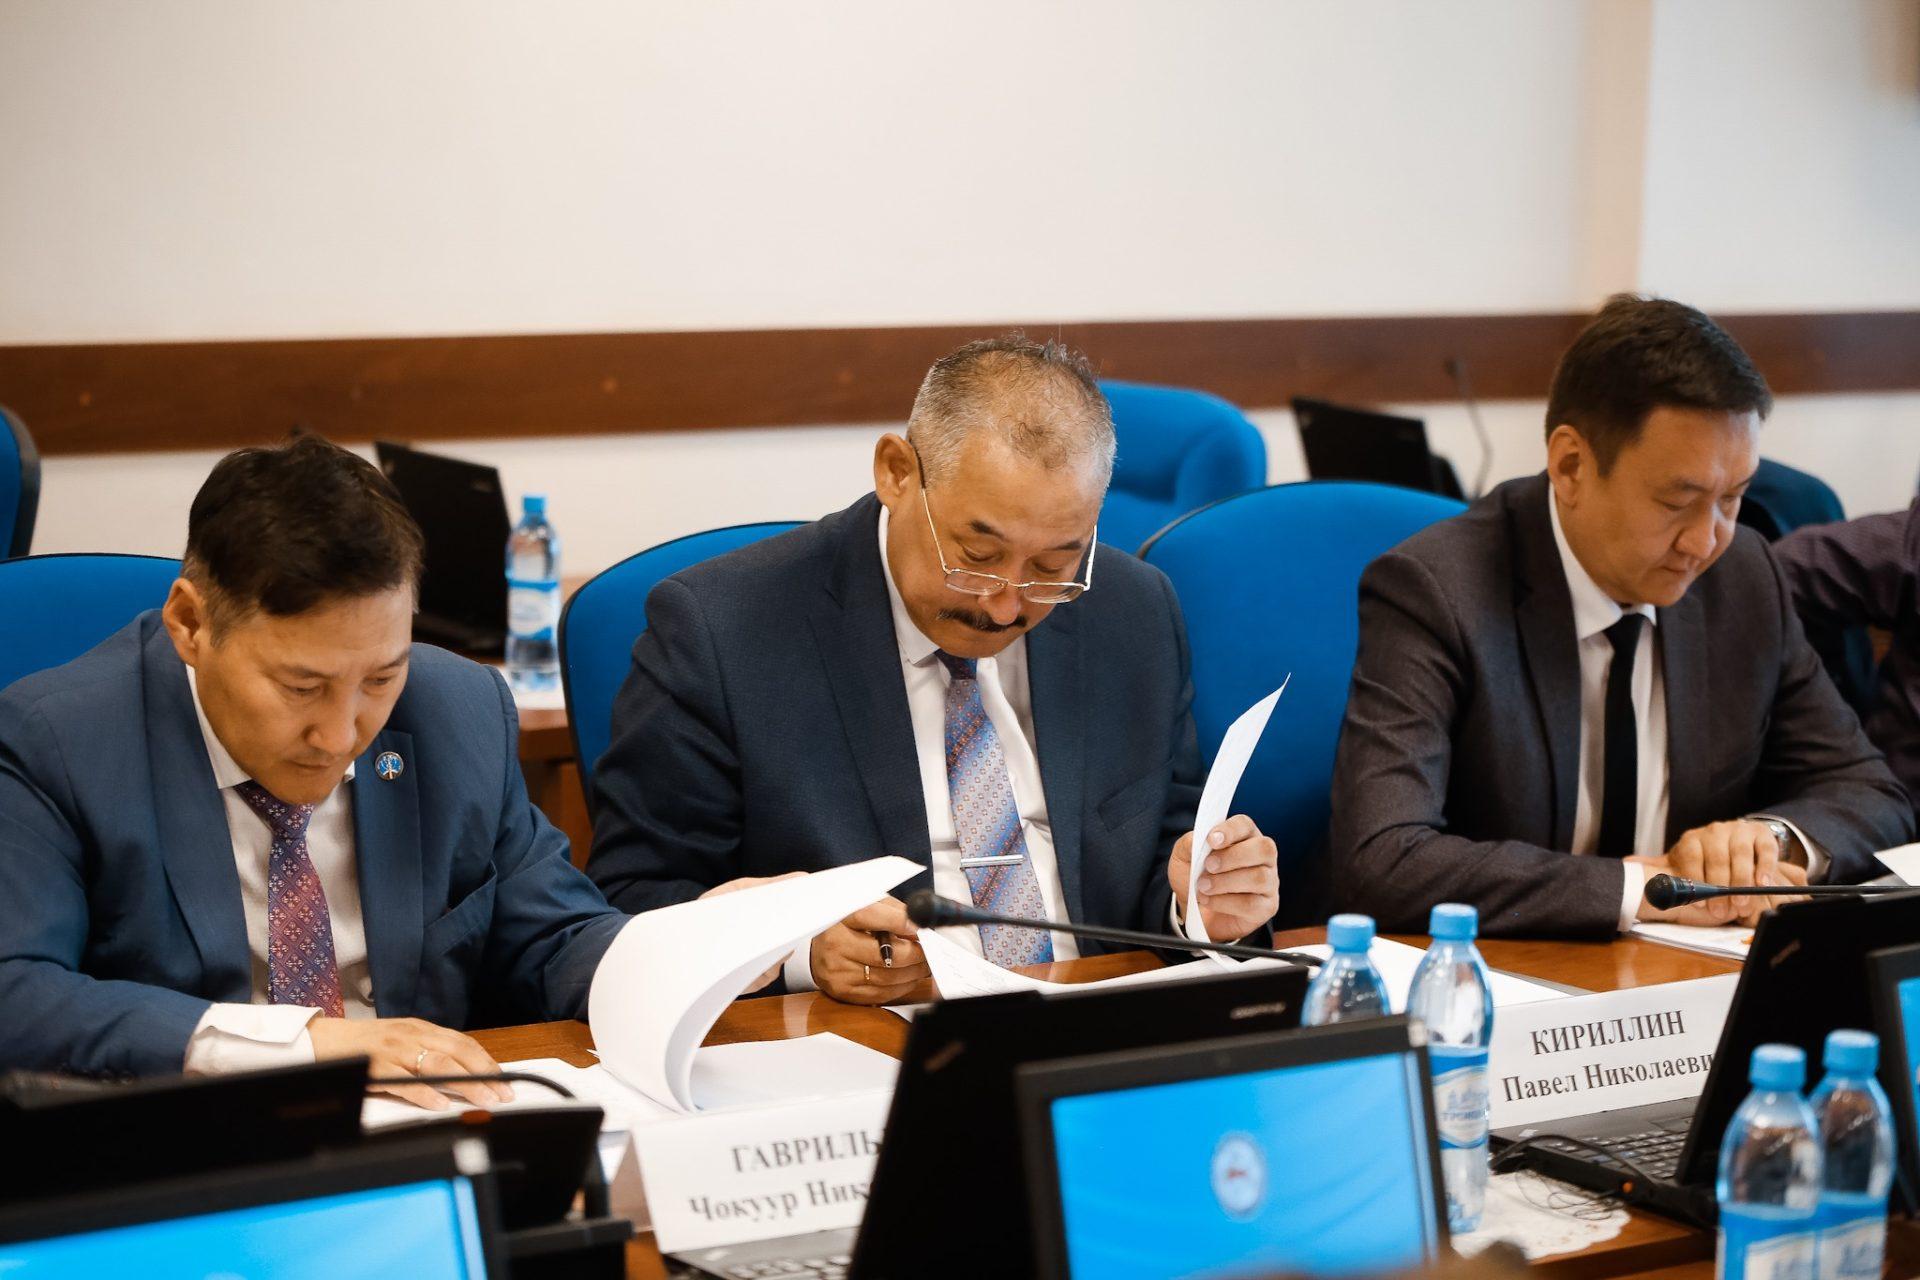 Айсен Николаев провел первое заседание Совета по развитию языков в РС (Я)